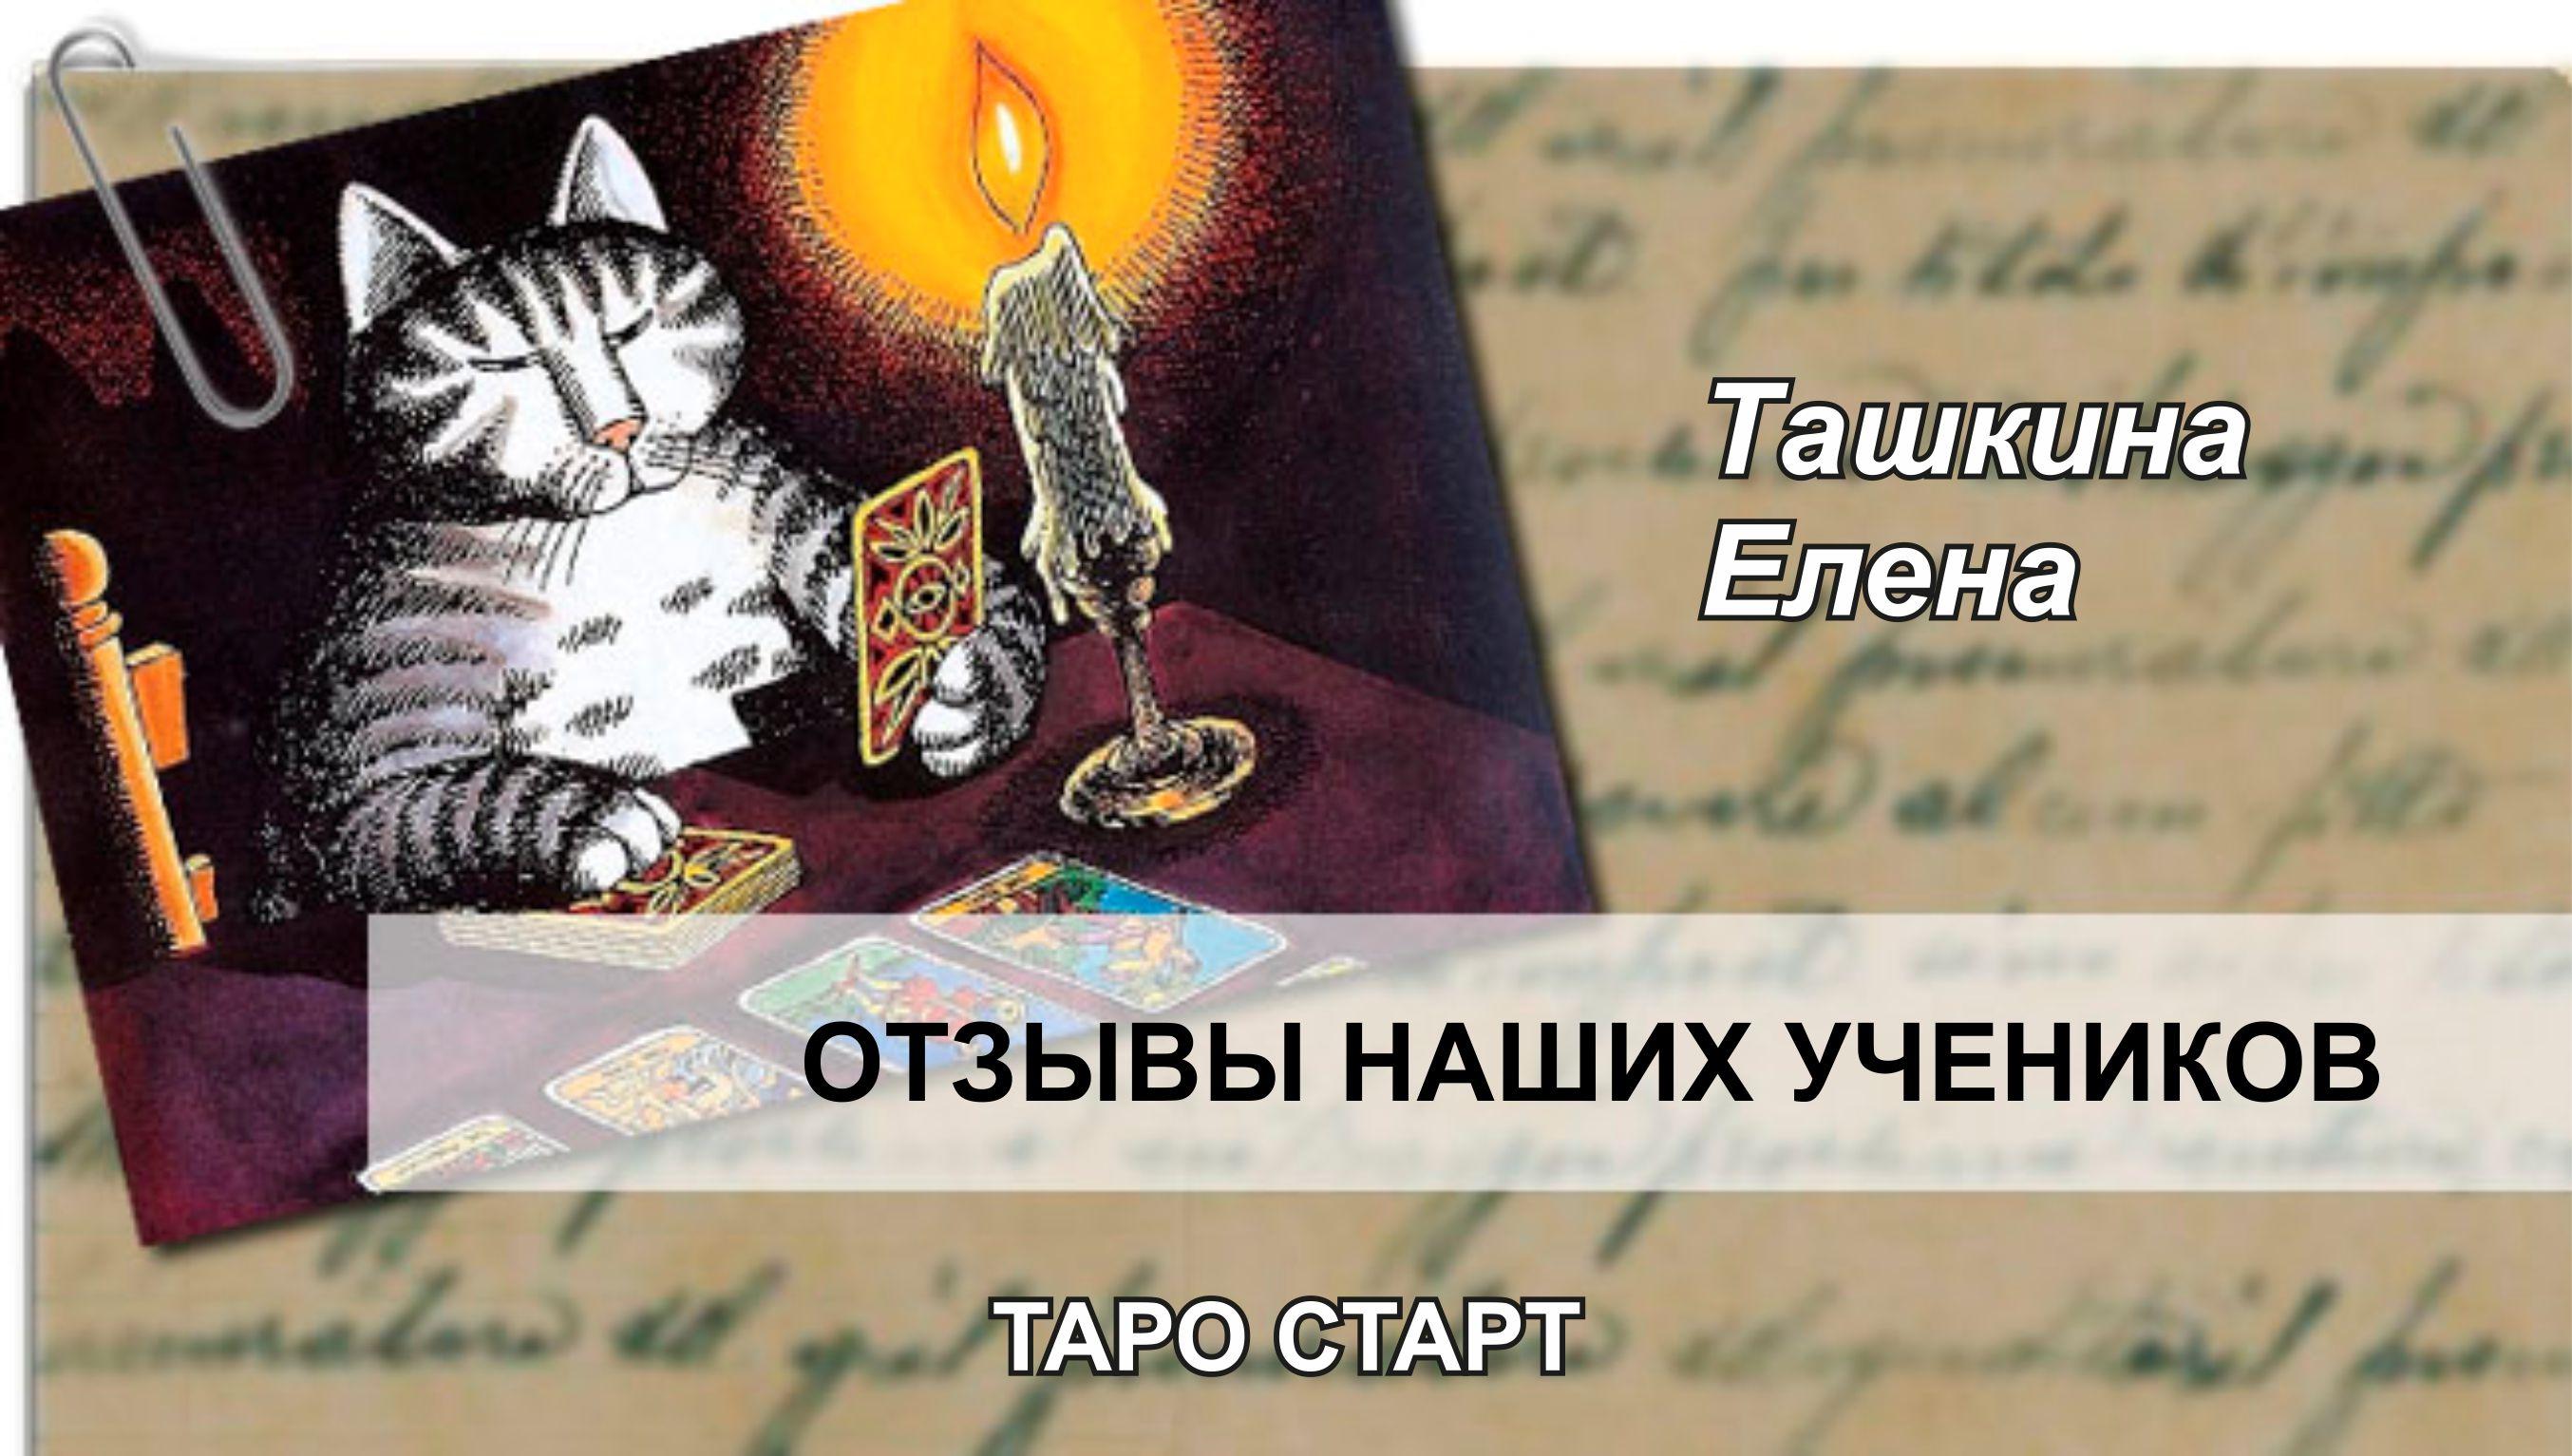 Ташкина Елена отзыв Таро Старт